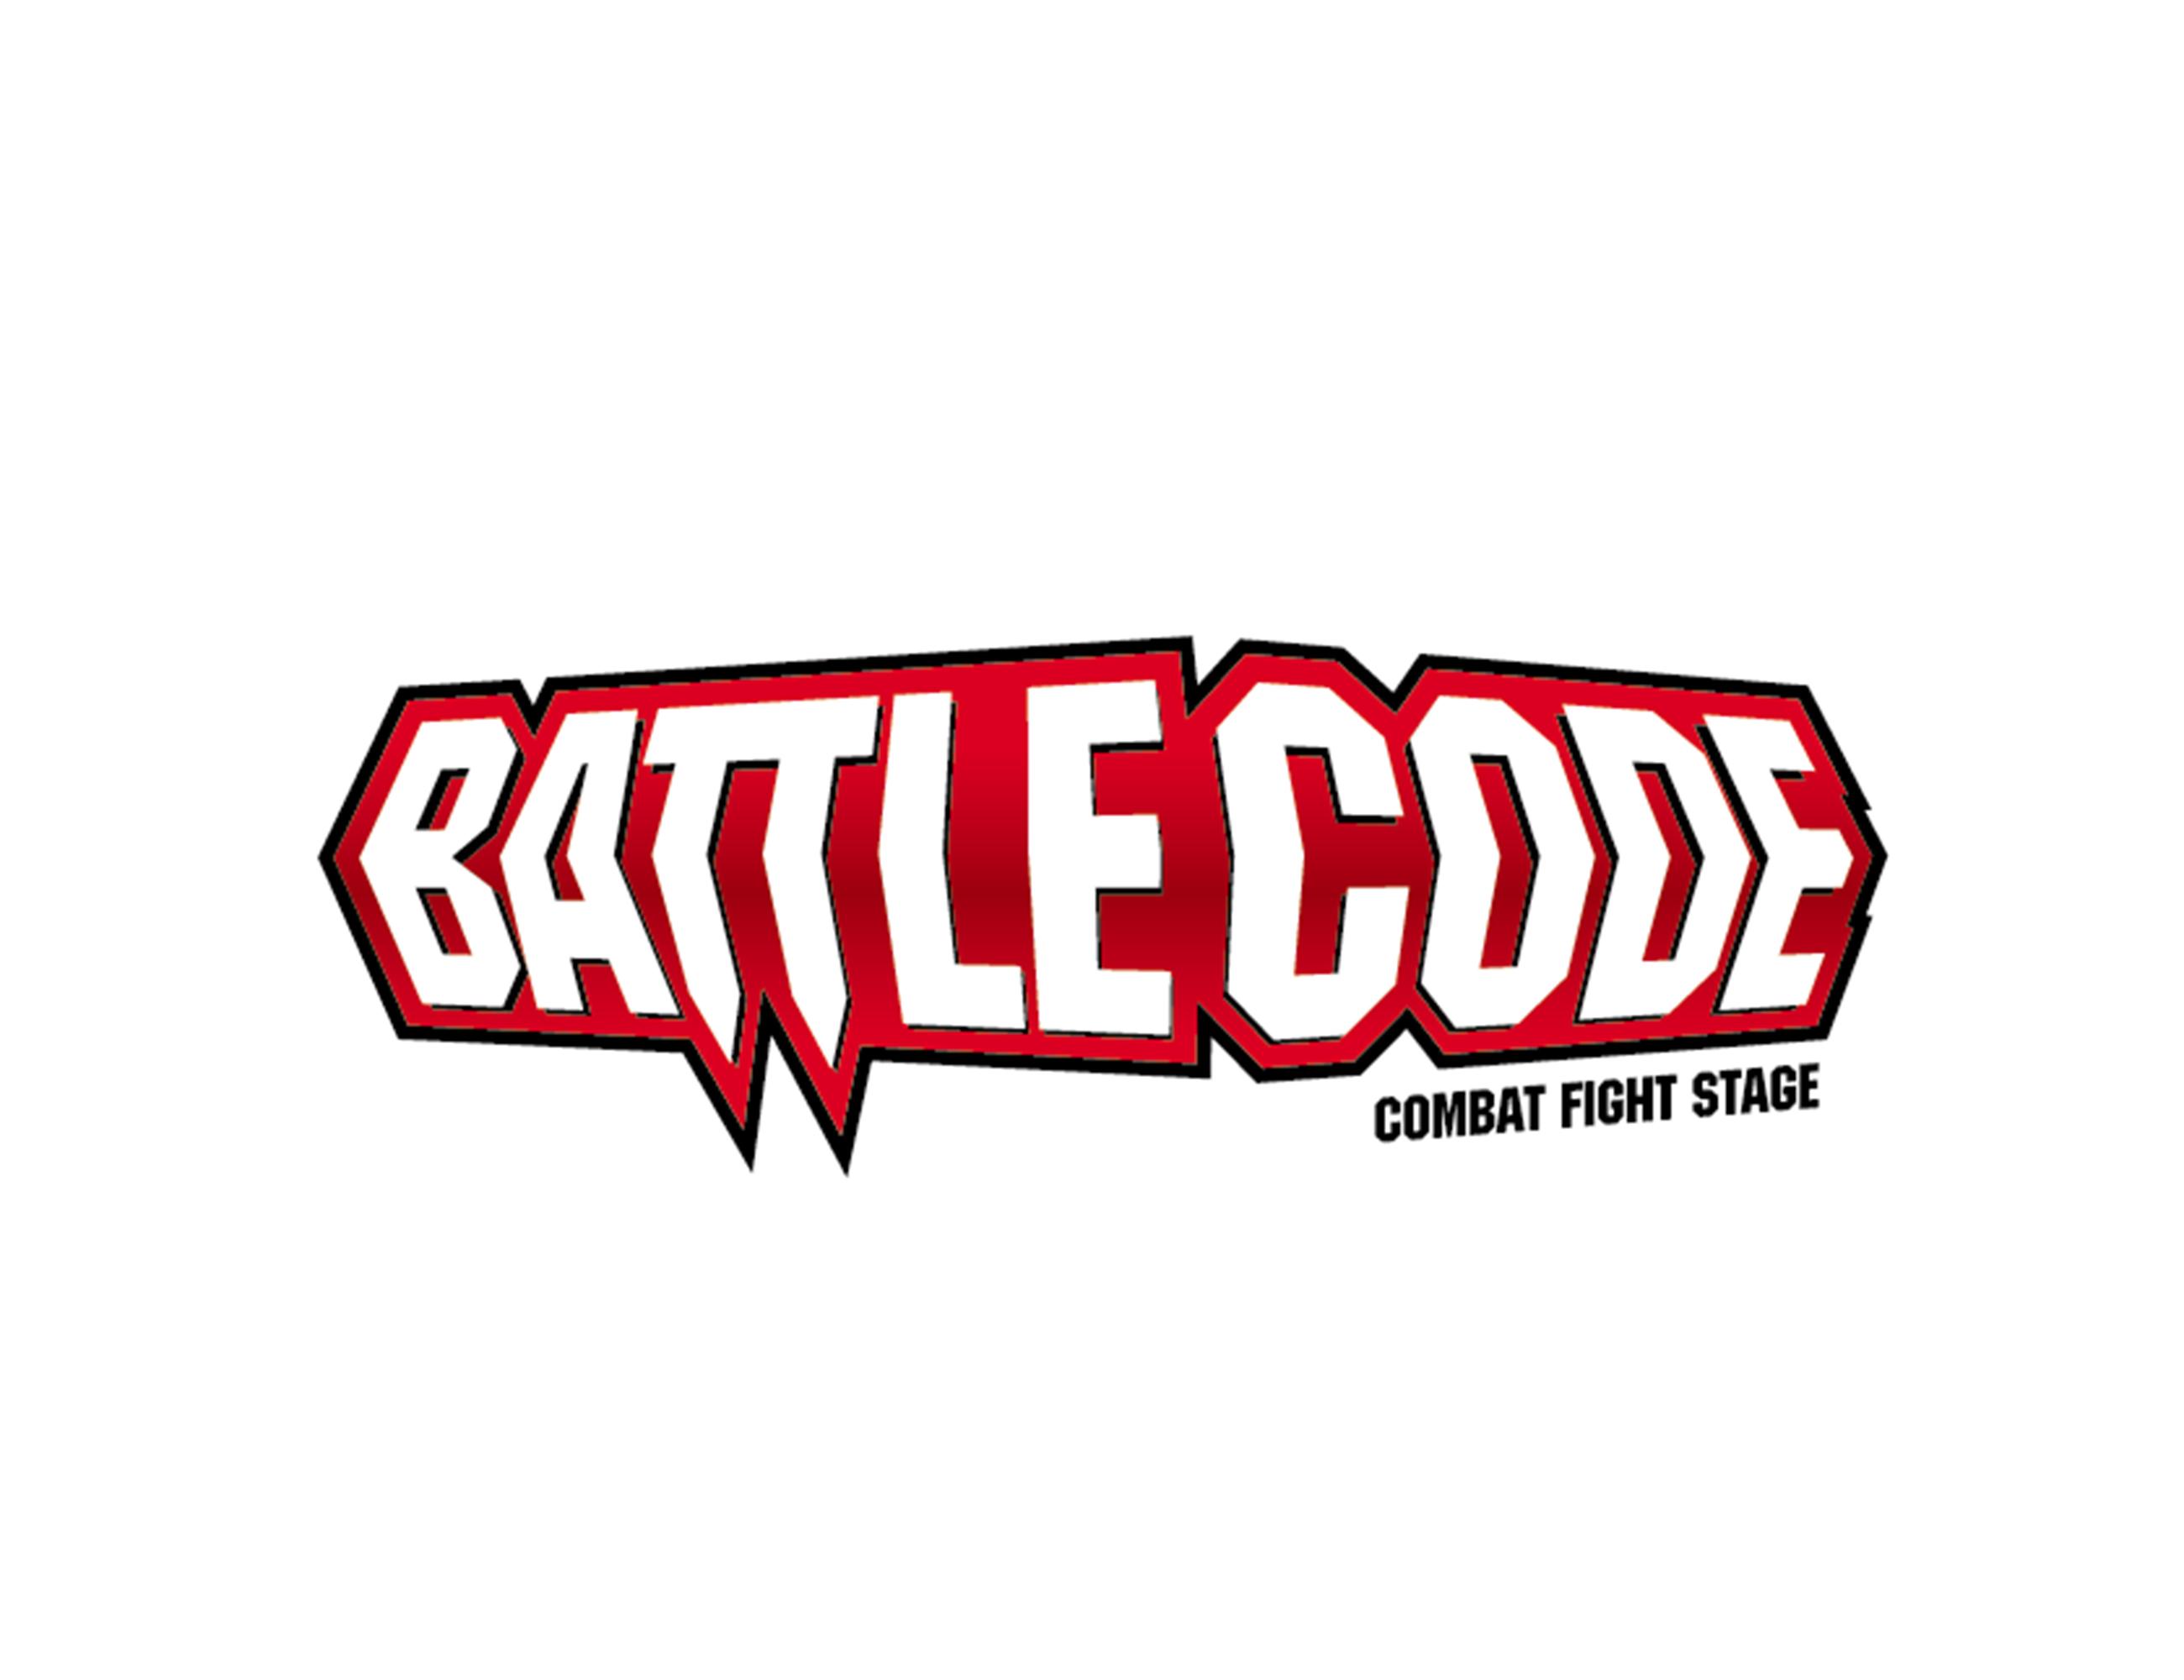 格闘技イベント バトルコード